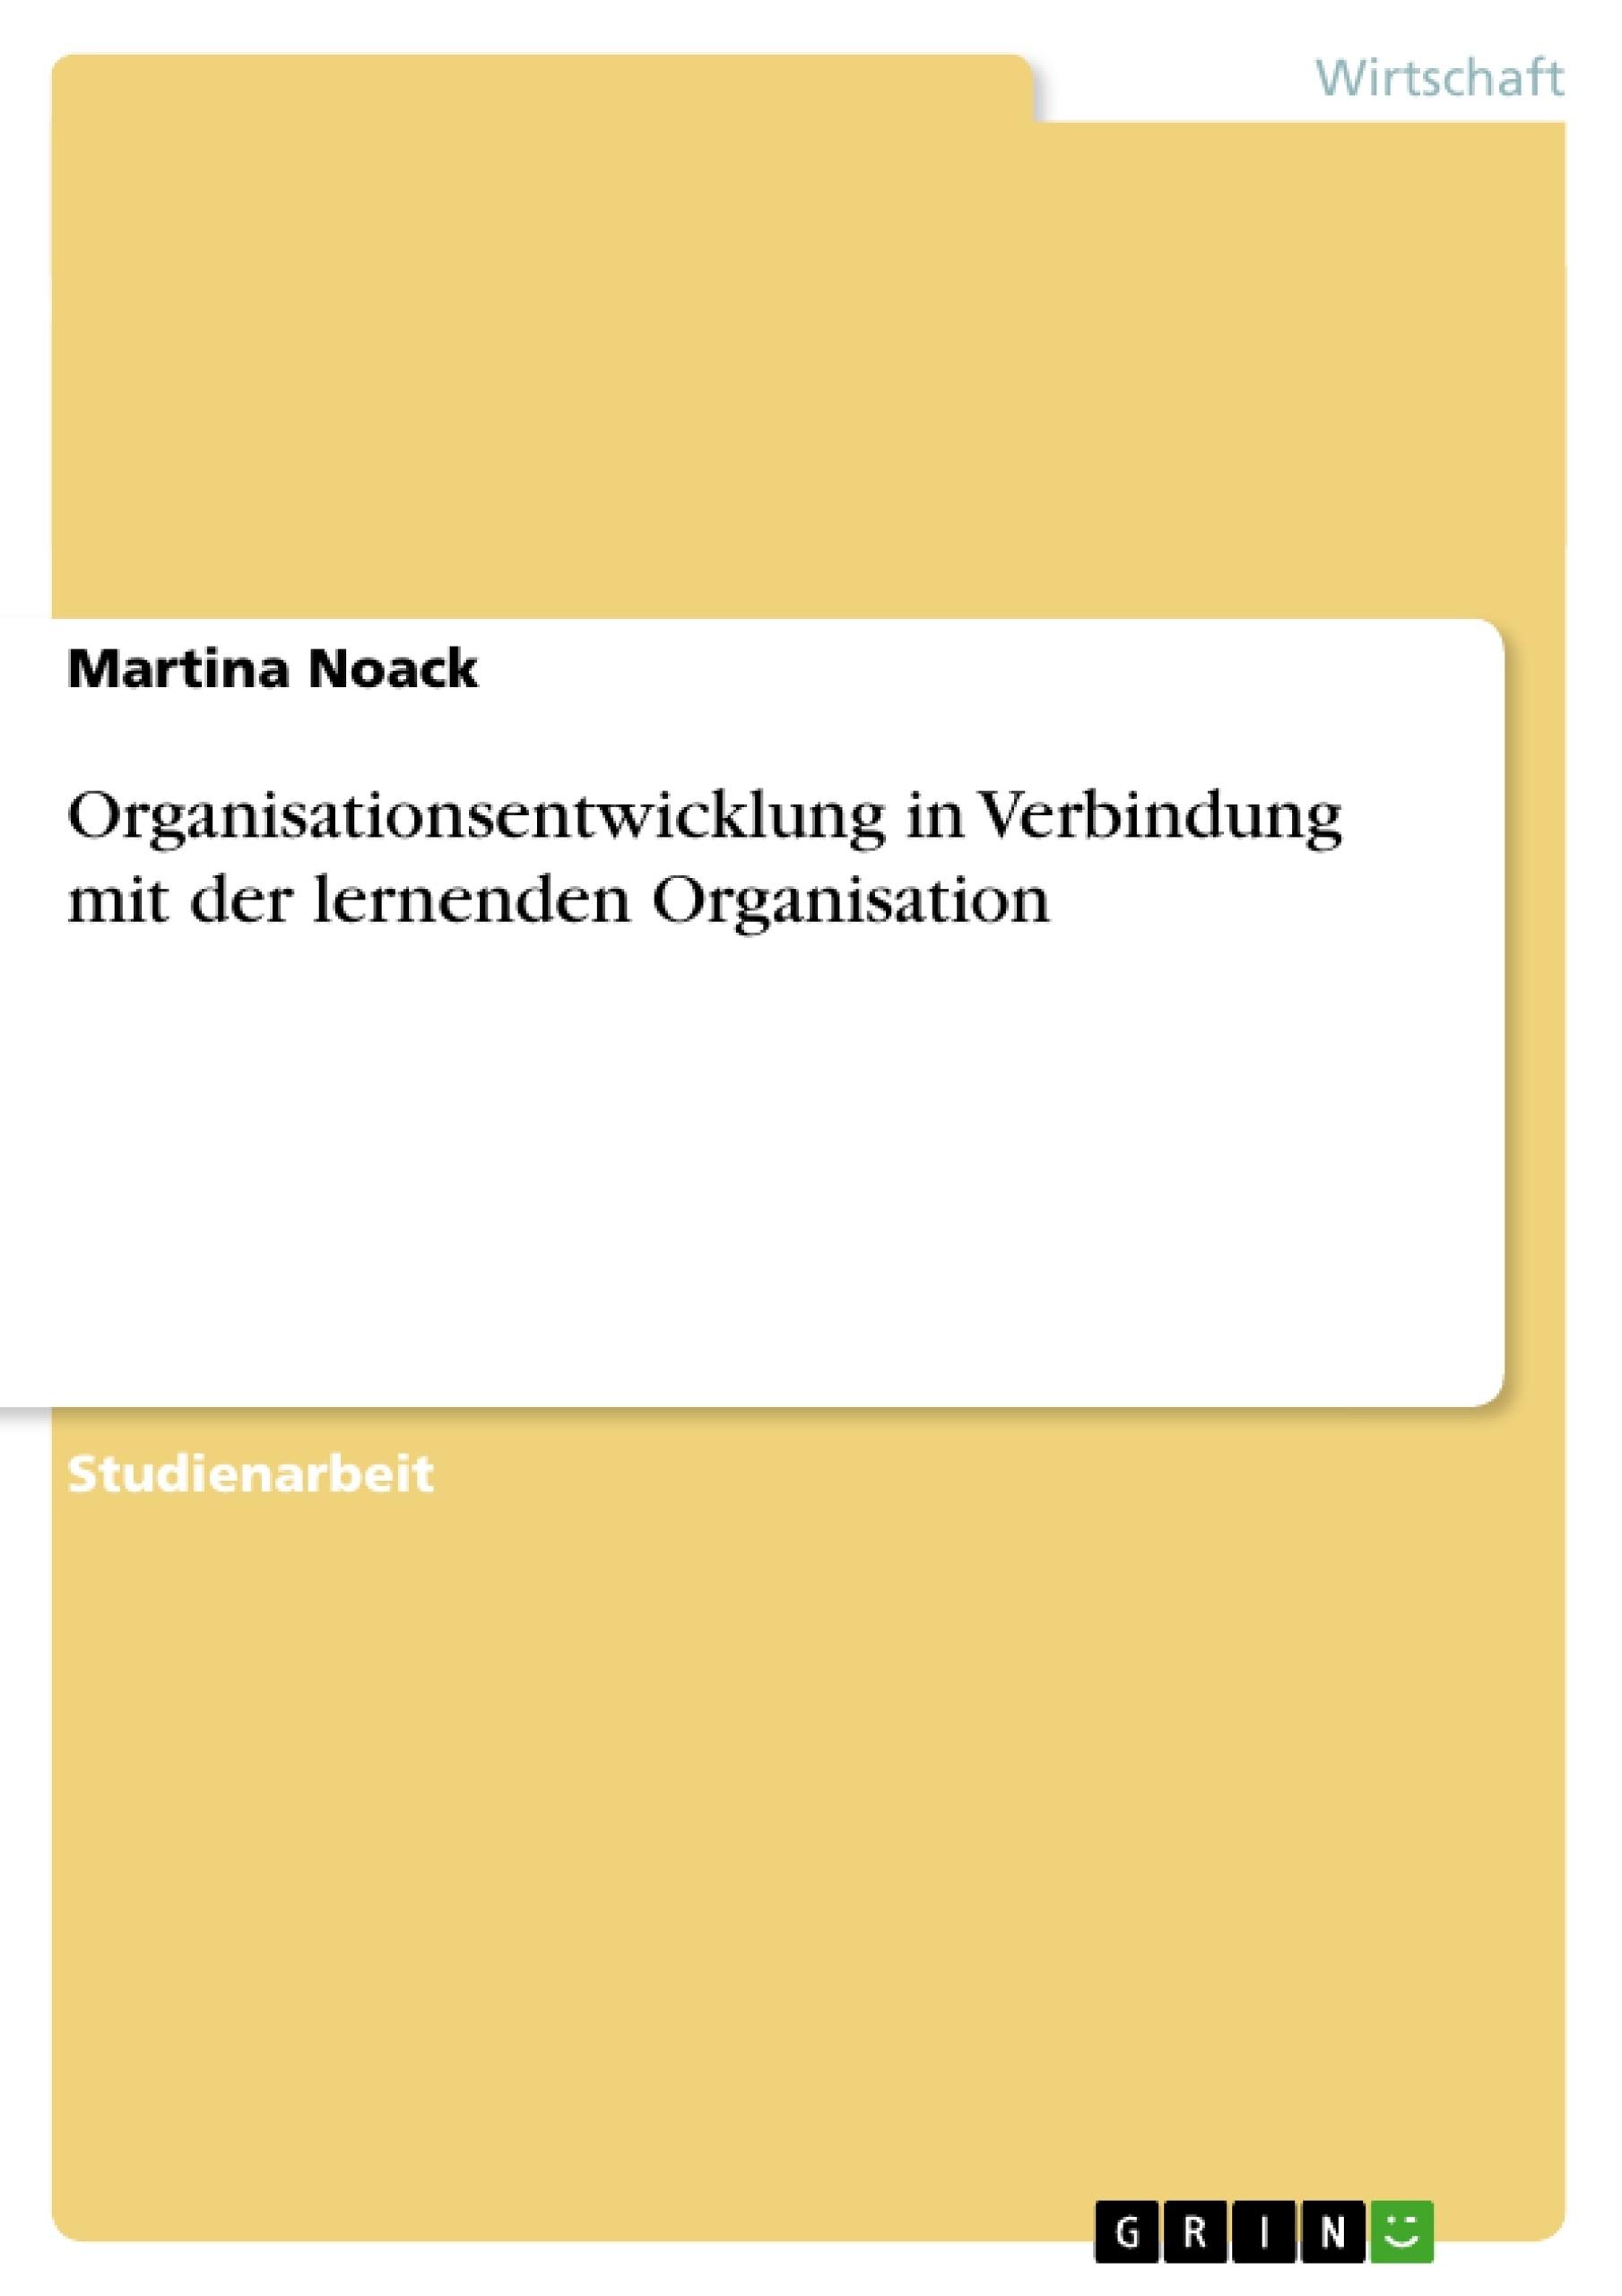 Titel: Organisationsentwicklung in Verbindung mit der lernenden Organisation